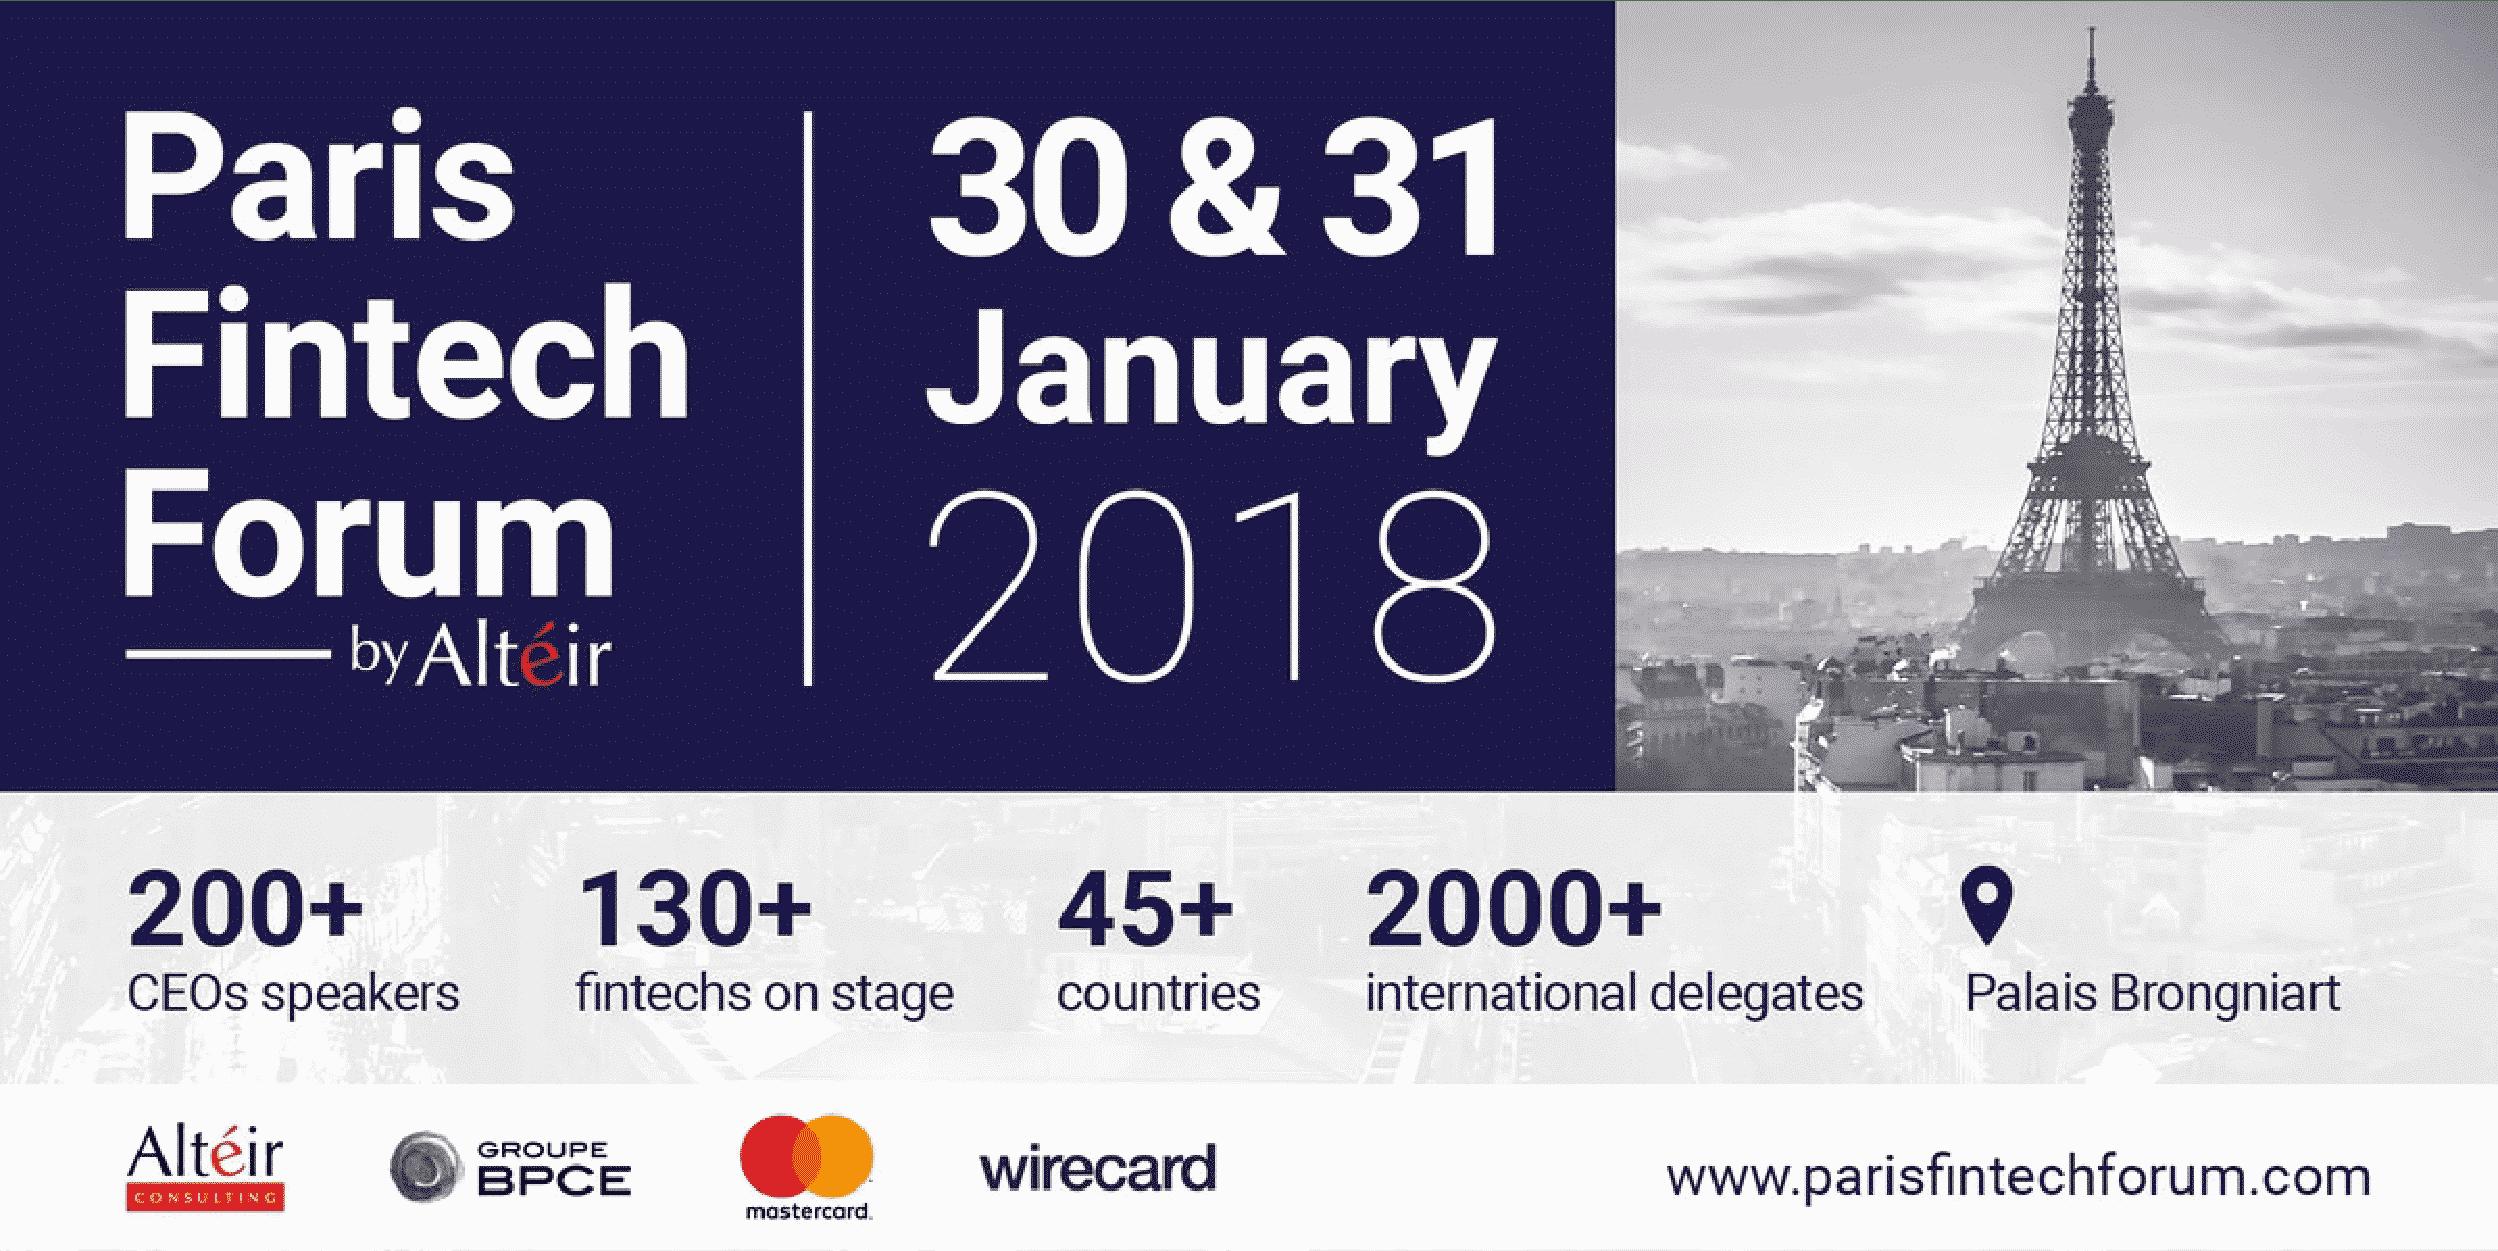 dejamobile-exposant-paris-fintech-forum-2018